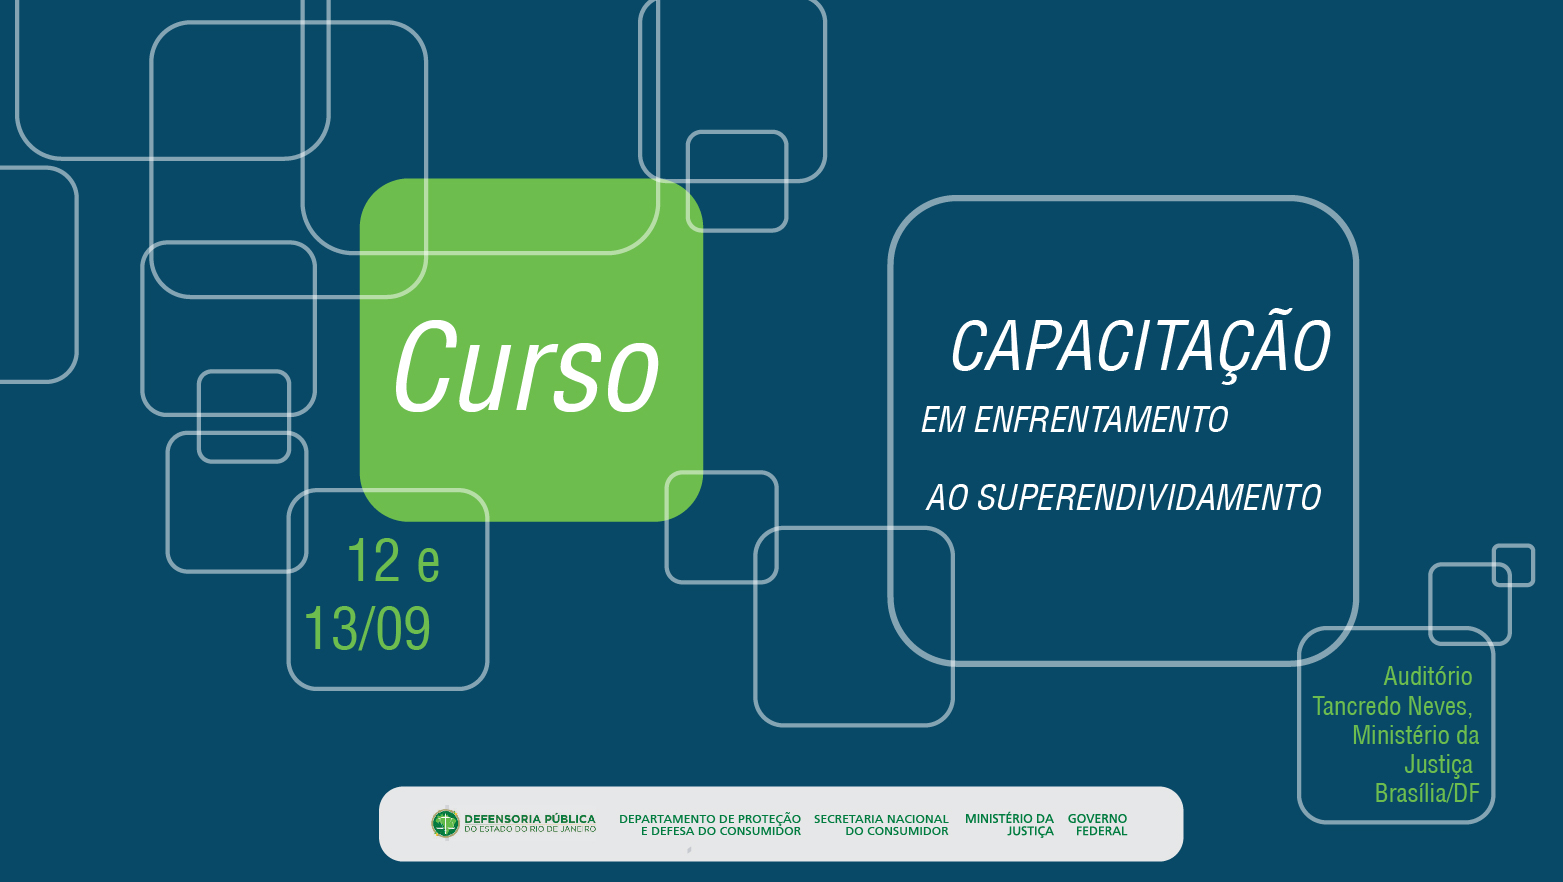 banner portal_consumidor.gov_curso capacitação-01-01.jpg